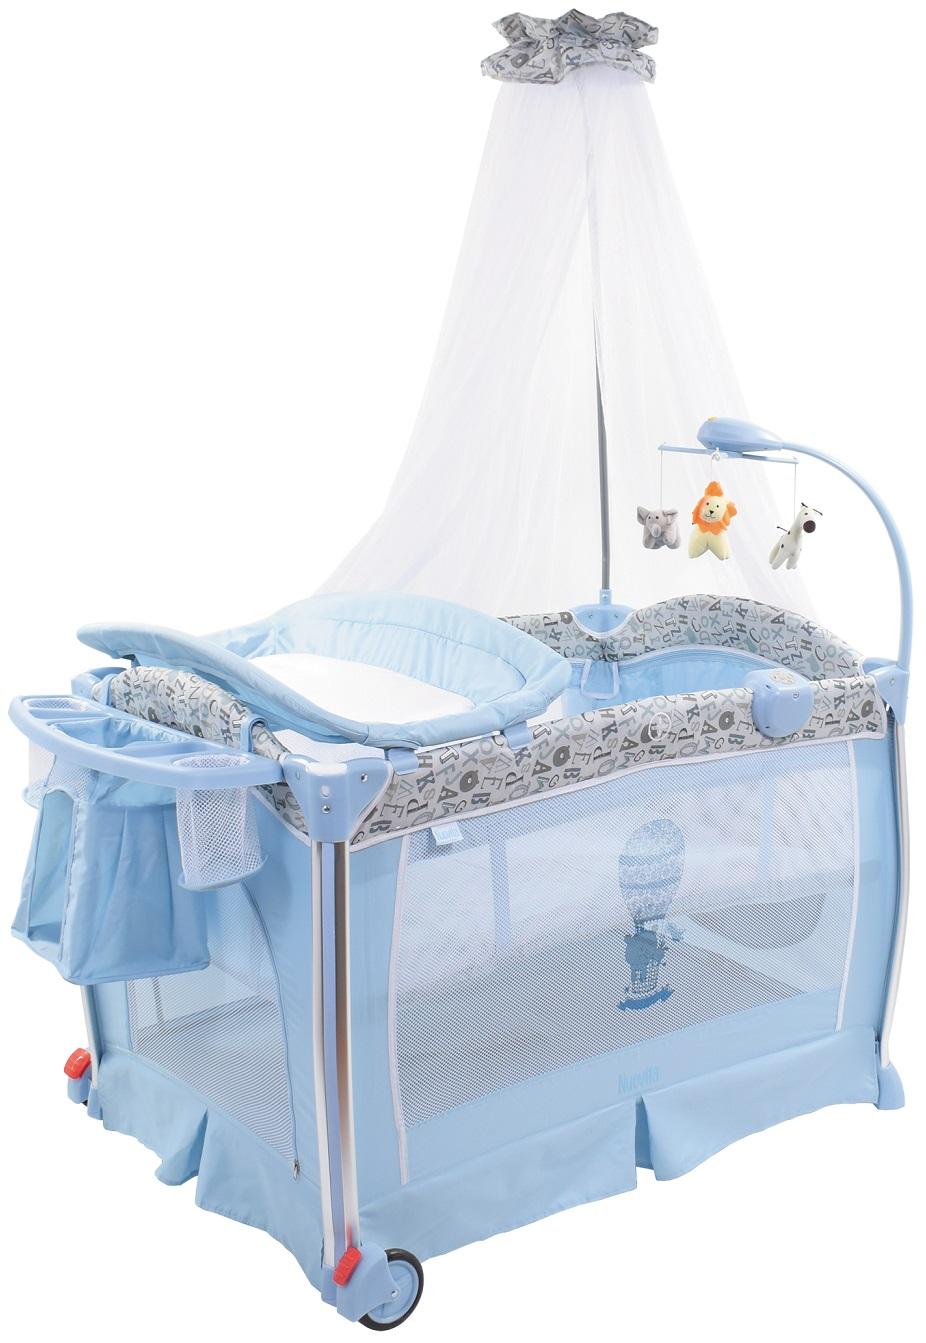 Кроватки манежи красивые для новорожденных немецкие в екатеринбурге